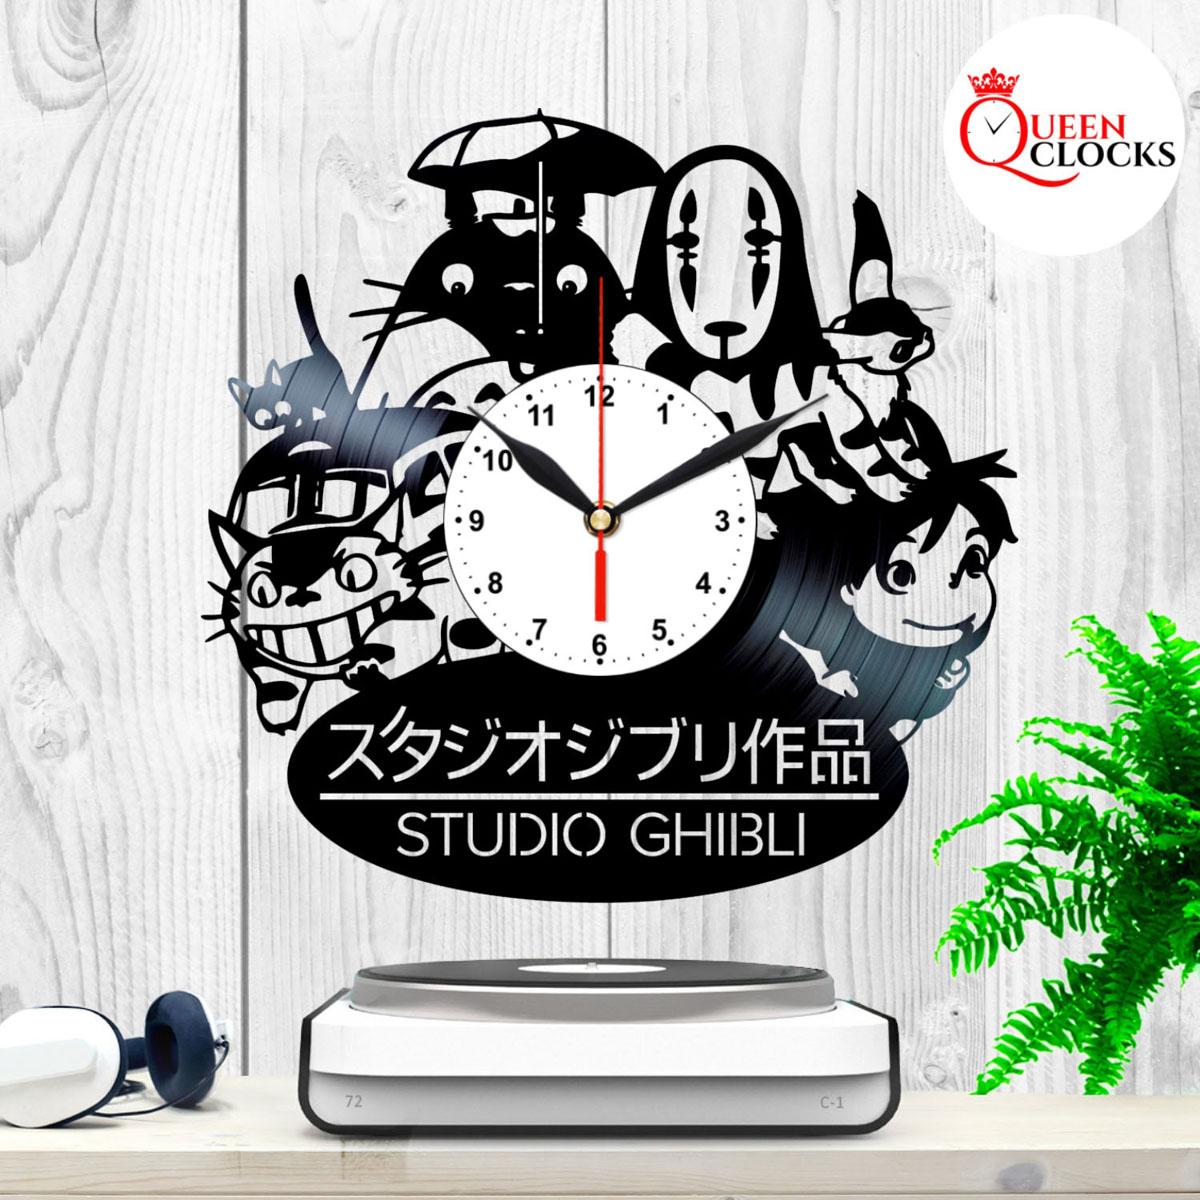 Studio Ghibli Totoro Spirited Away Hayao Miyazaki Vinyl Record Wall Clock Gift Ebay